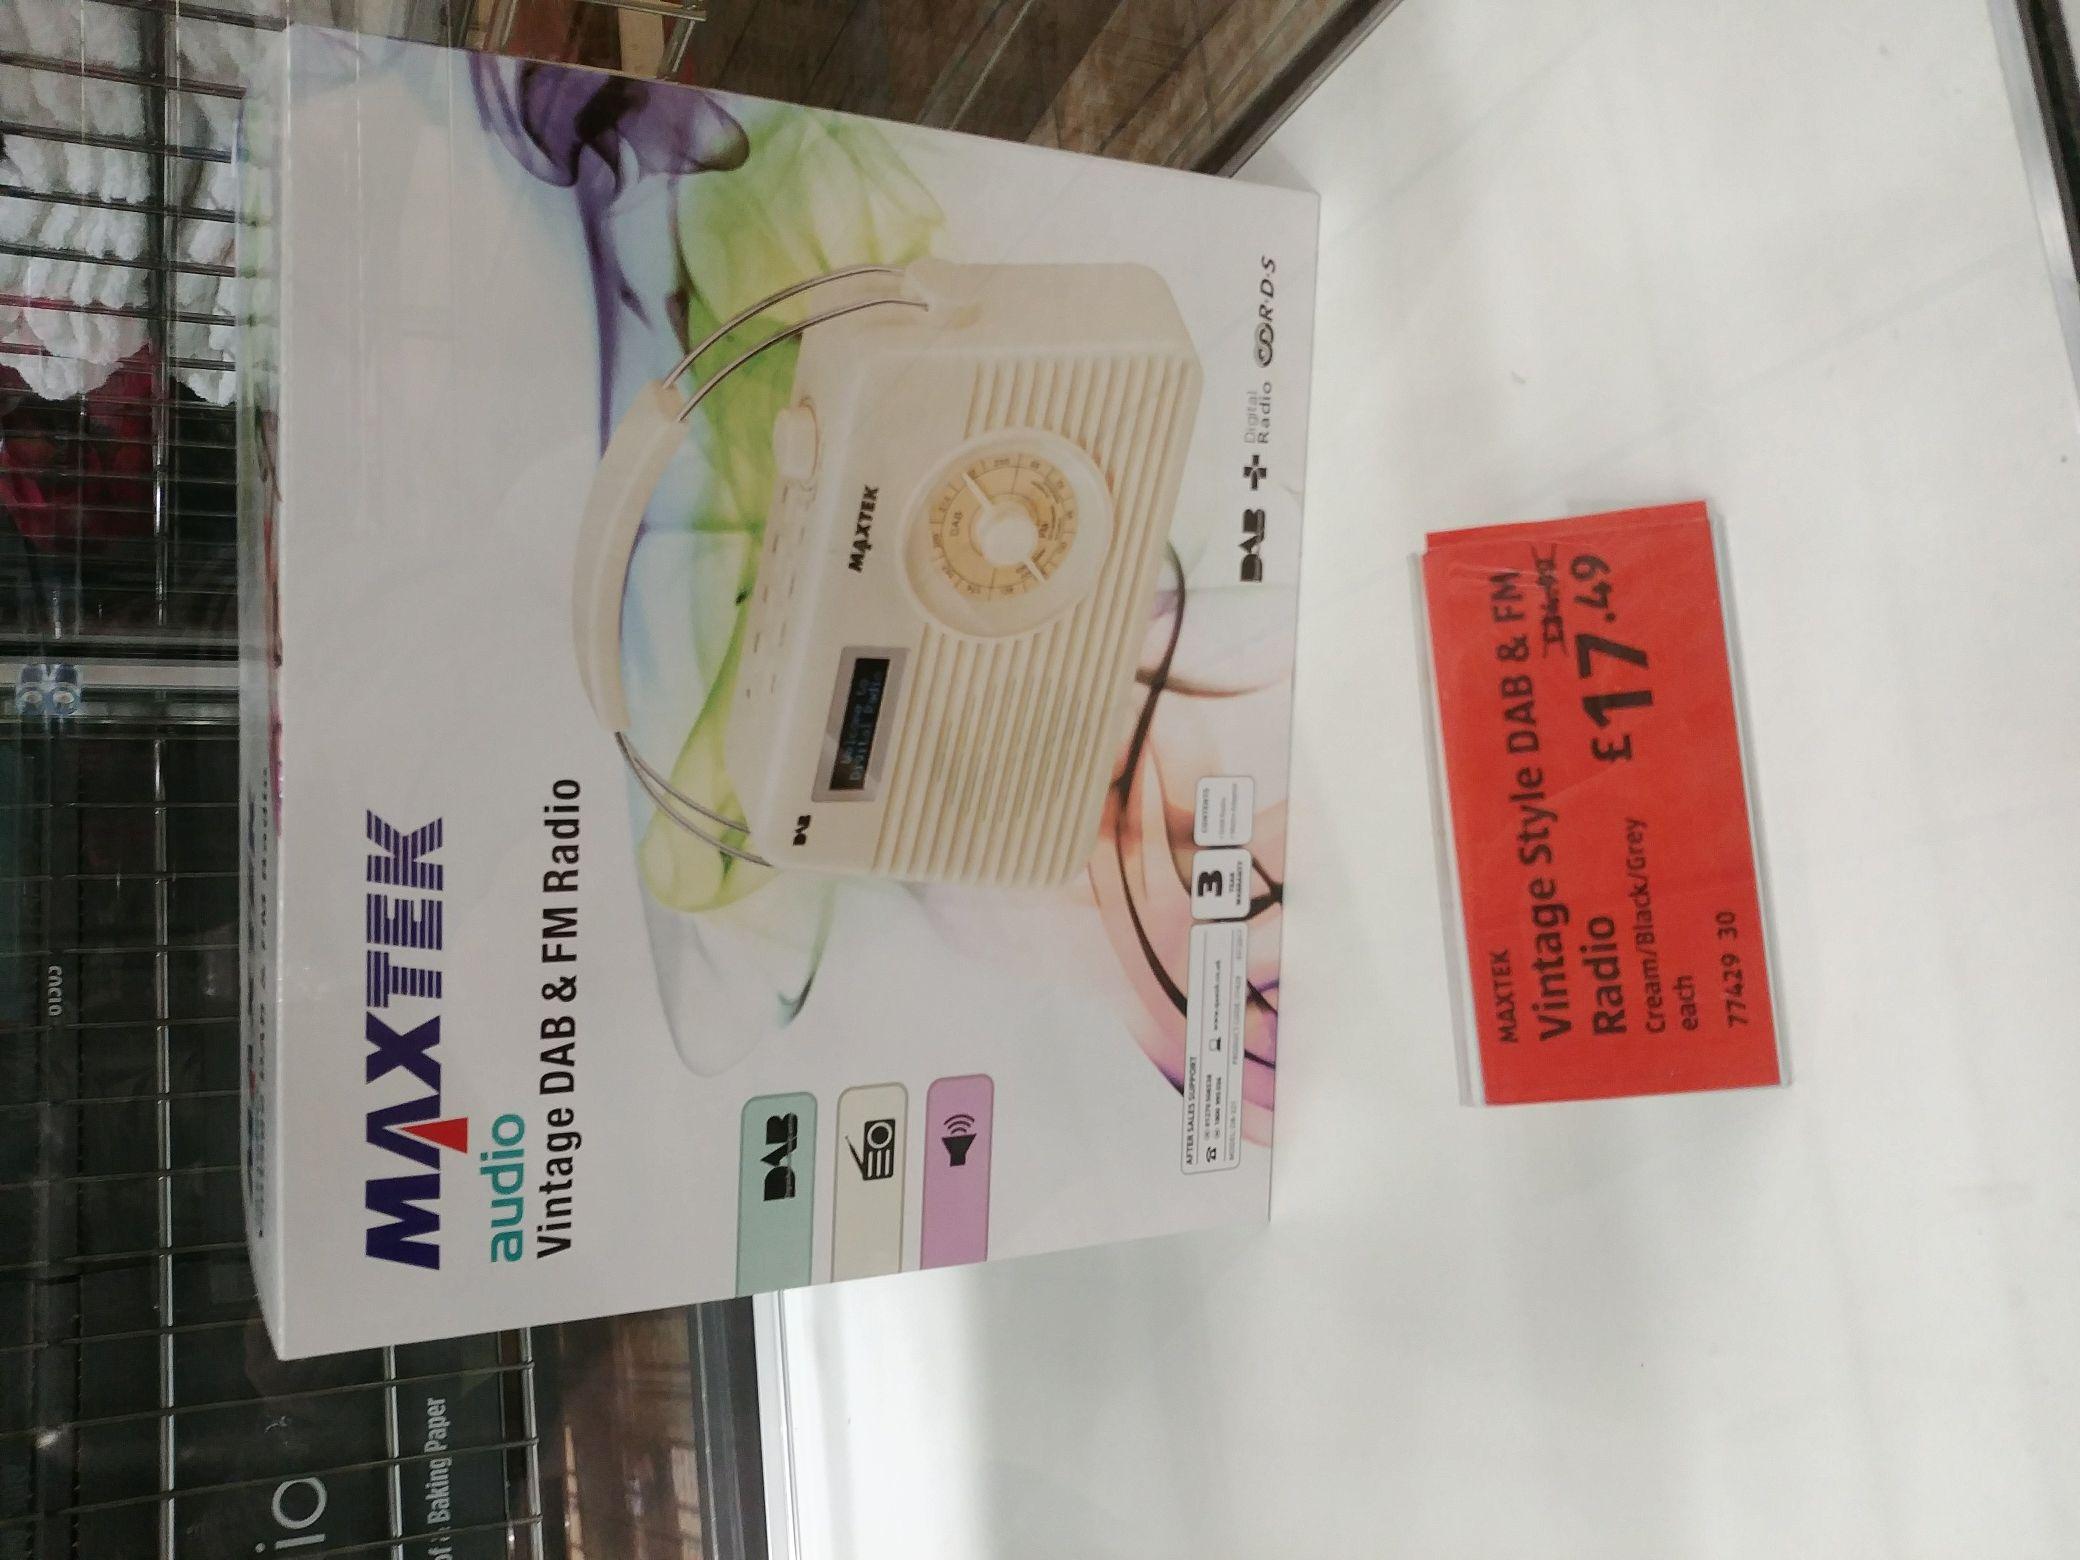 Maxtek DAB RADIO £17.47 @ Aldi instore